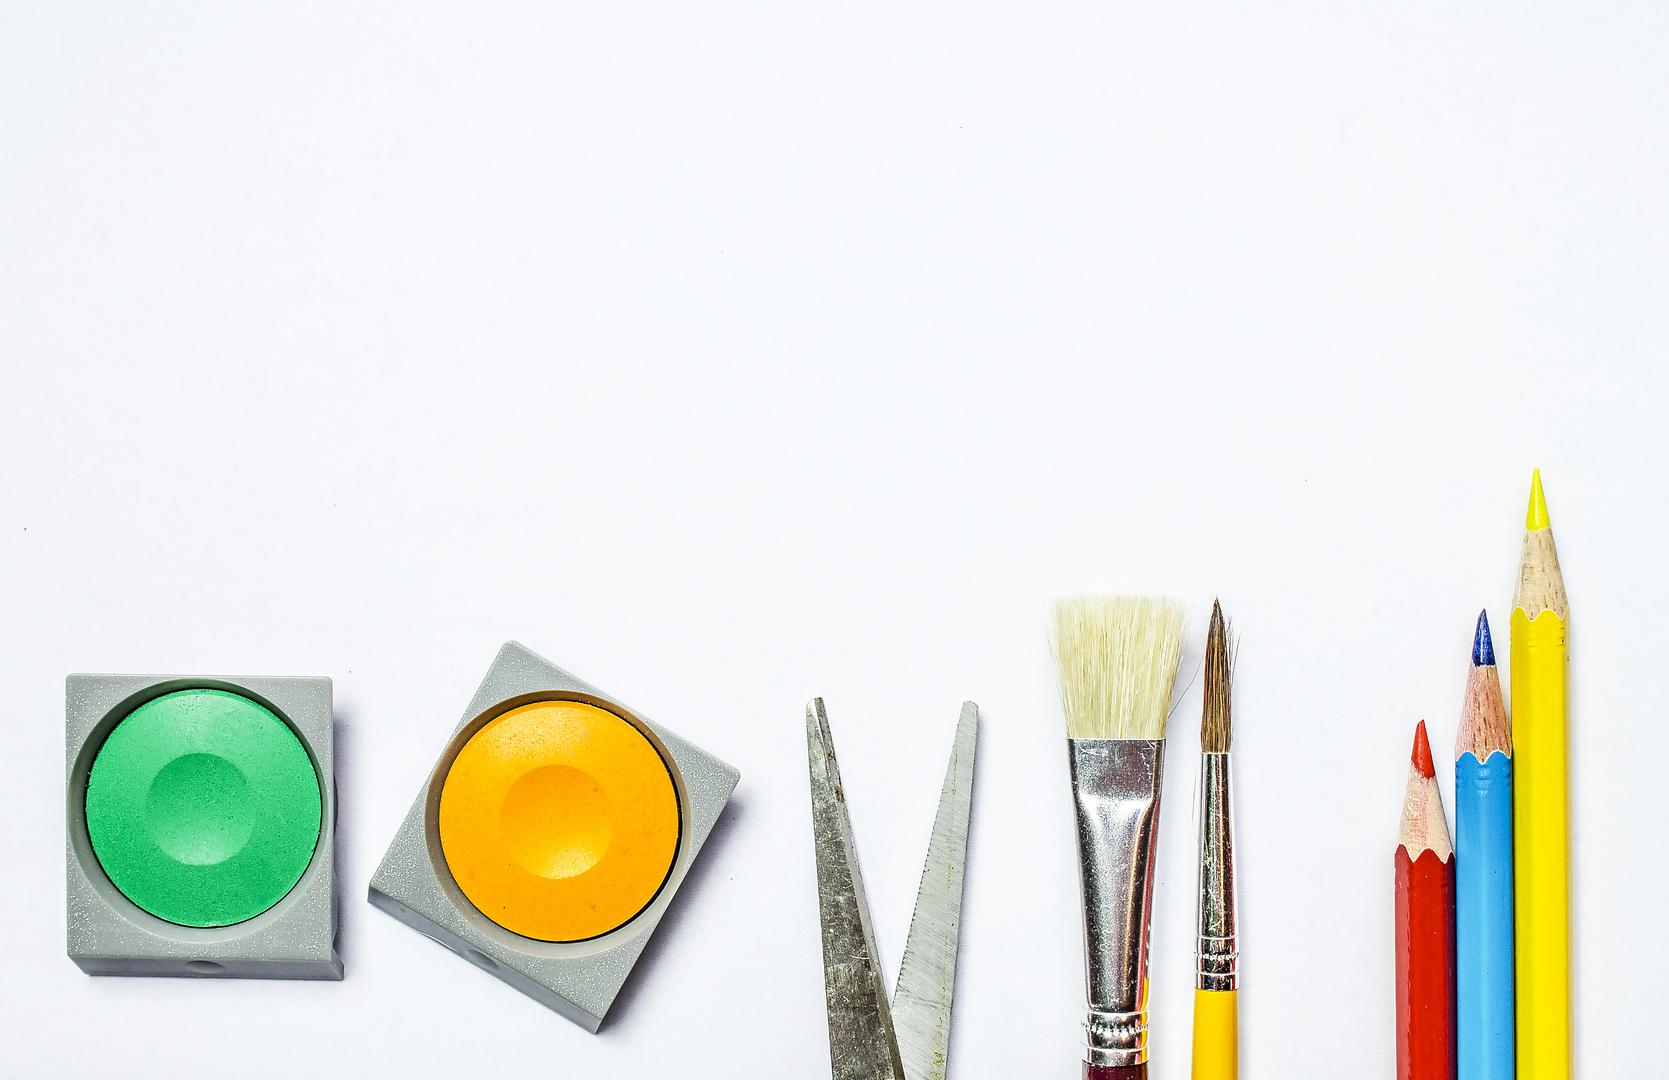 kreative Werkzeuge